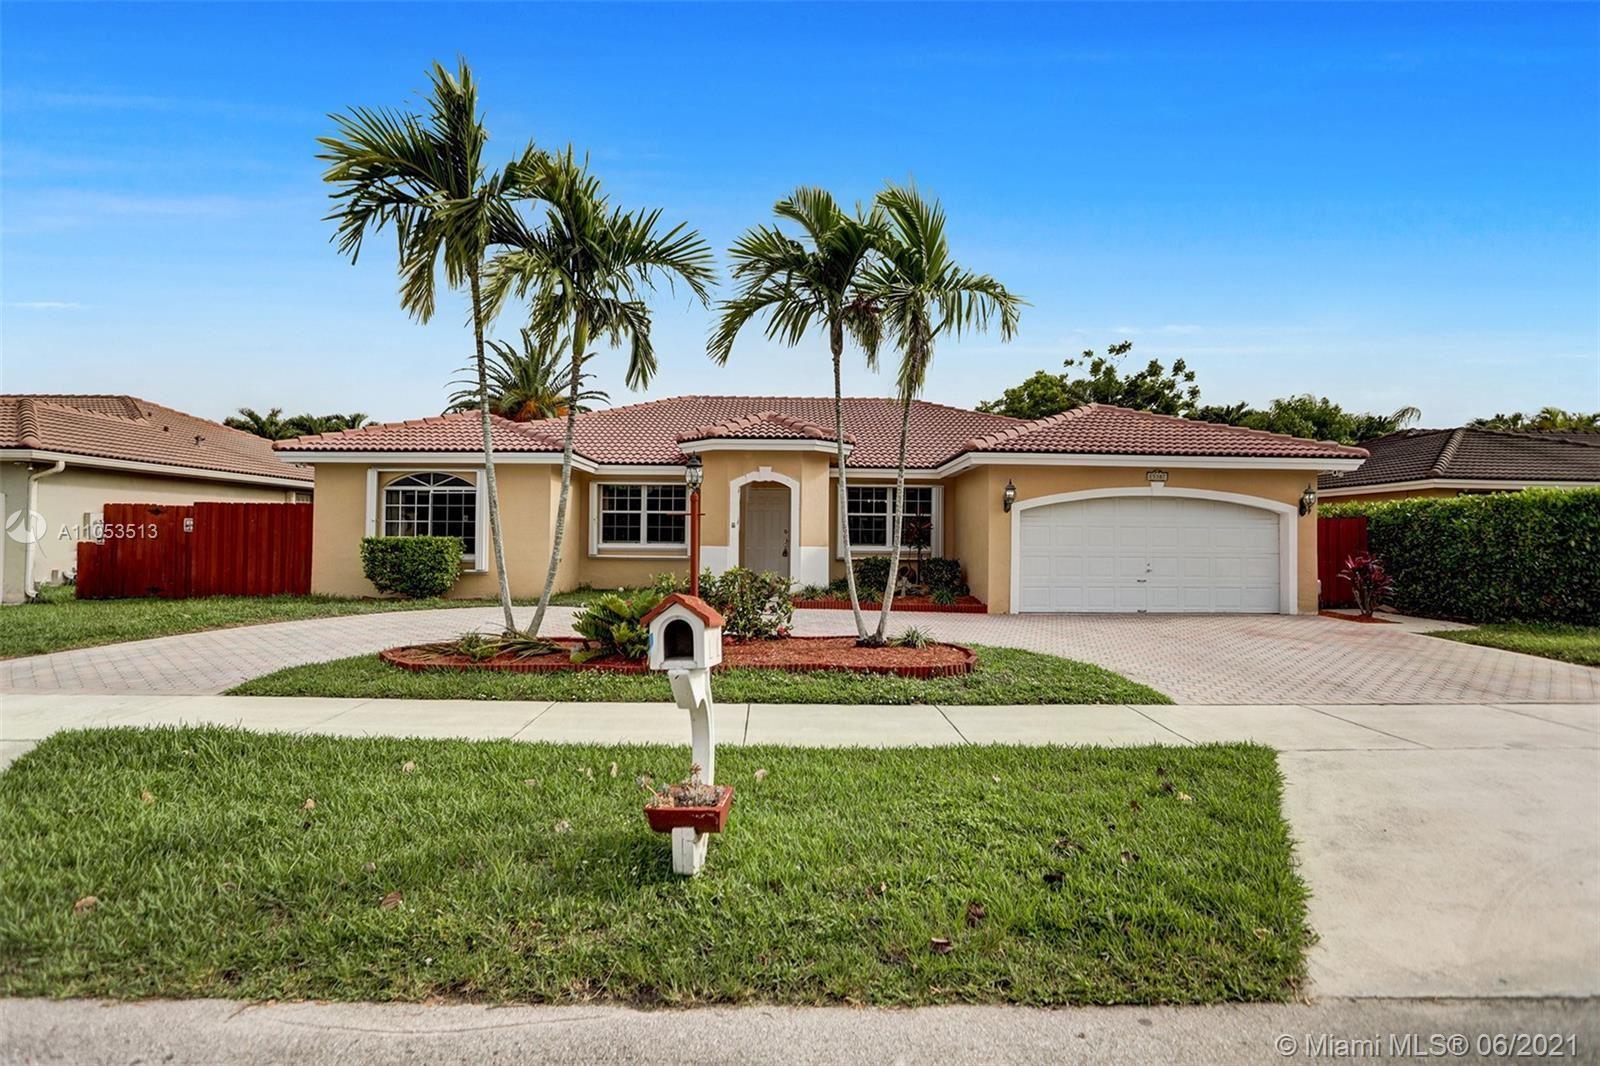 15307 SW 171st St, Miami, FL 33187 - #: A11053513